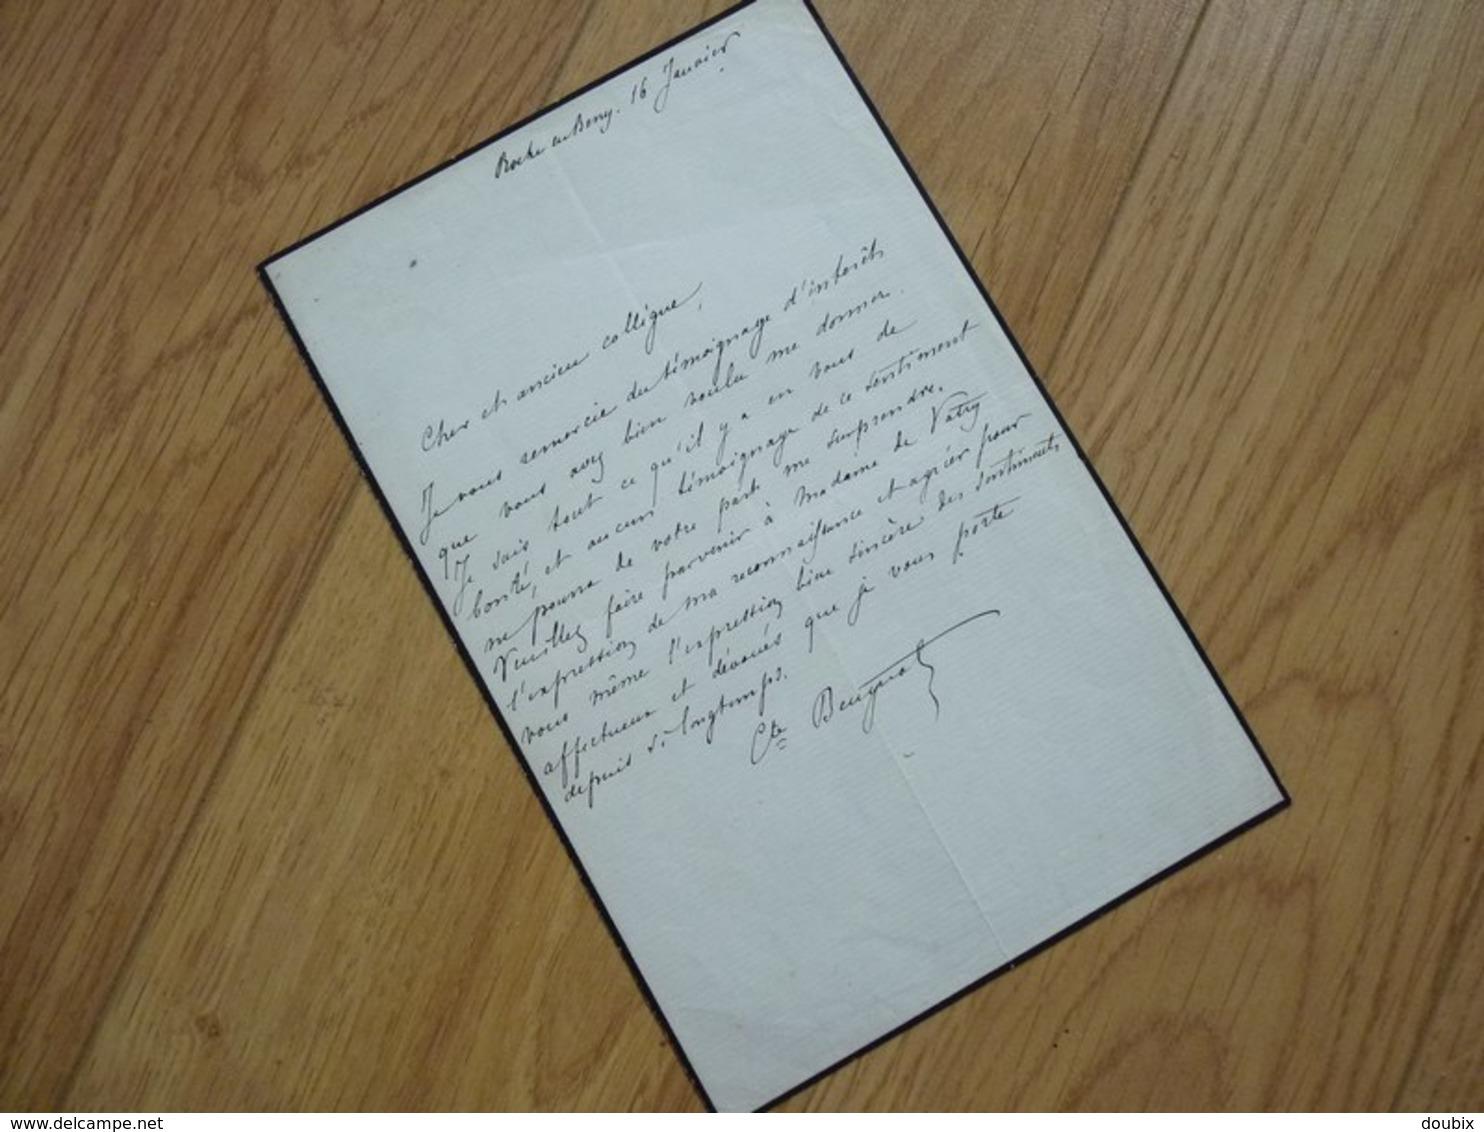 COMTE Arthur BEUGNOT (1797-1865) PAIR De FRANCE. Haute Marne CHAUMONT. ACADEMIE Belles Lettres. AUTOGRAPHE - Autogramme & Autographen